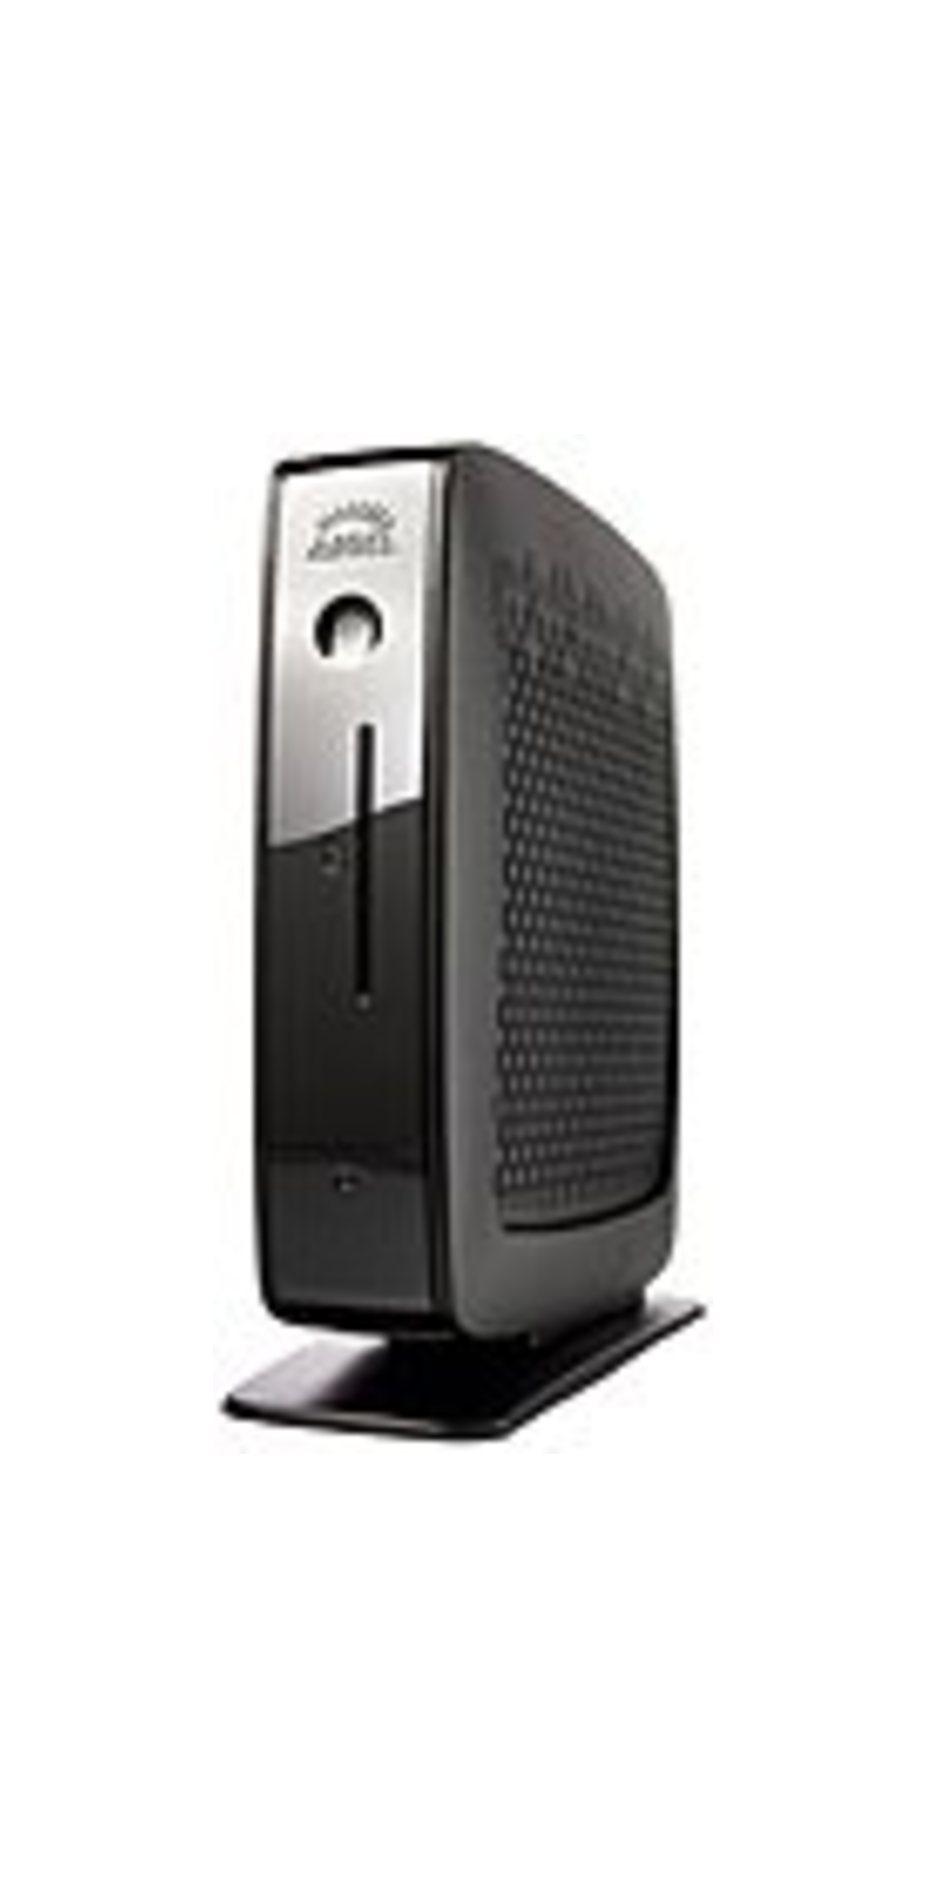 IGEL UD3 UD3 LX Desktop Thin Client - AMD G-Series GX-412HC Quad-core (4 Core) 1.20 GHz - 2 GB RAM DDR3L SDRAM - 4 GB Flash - AMD Radeon R3E Graphics